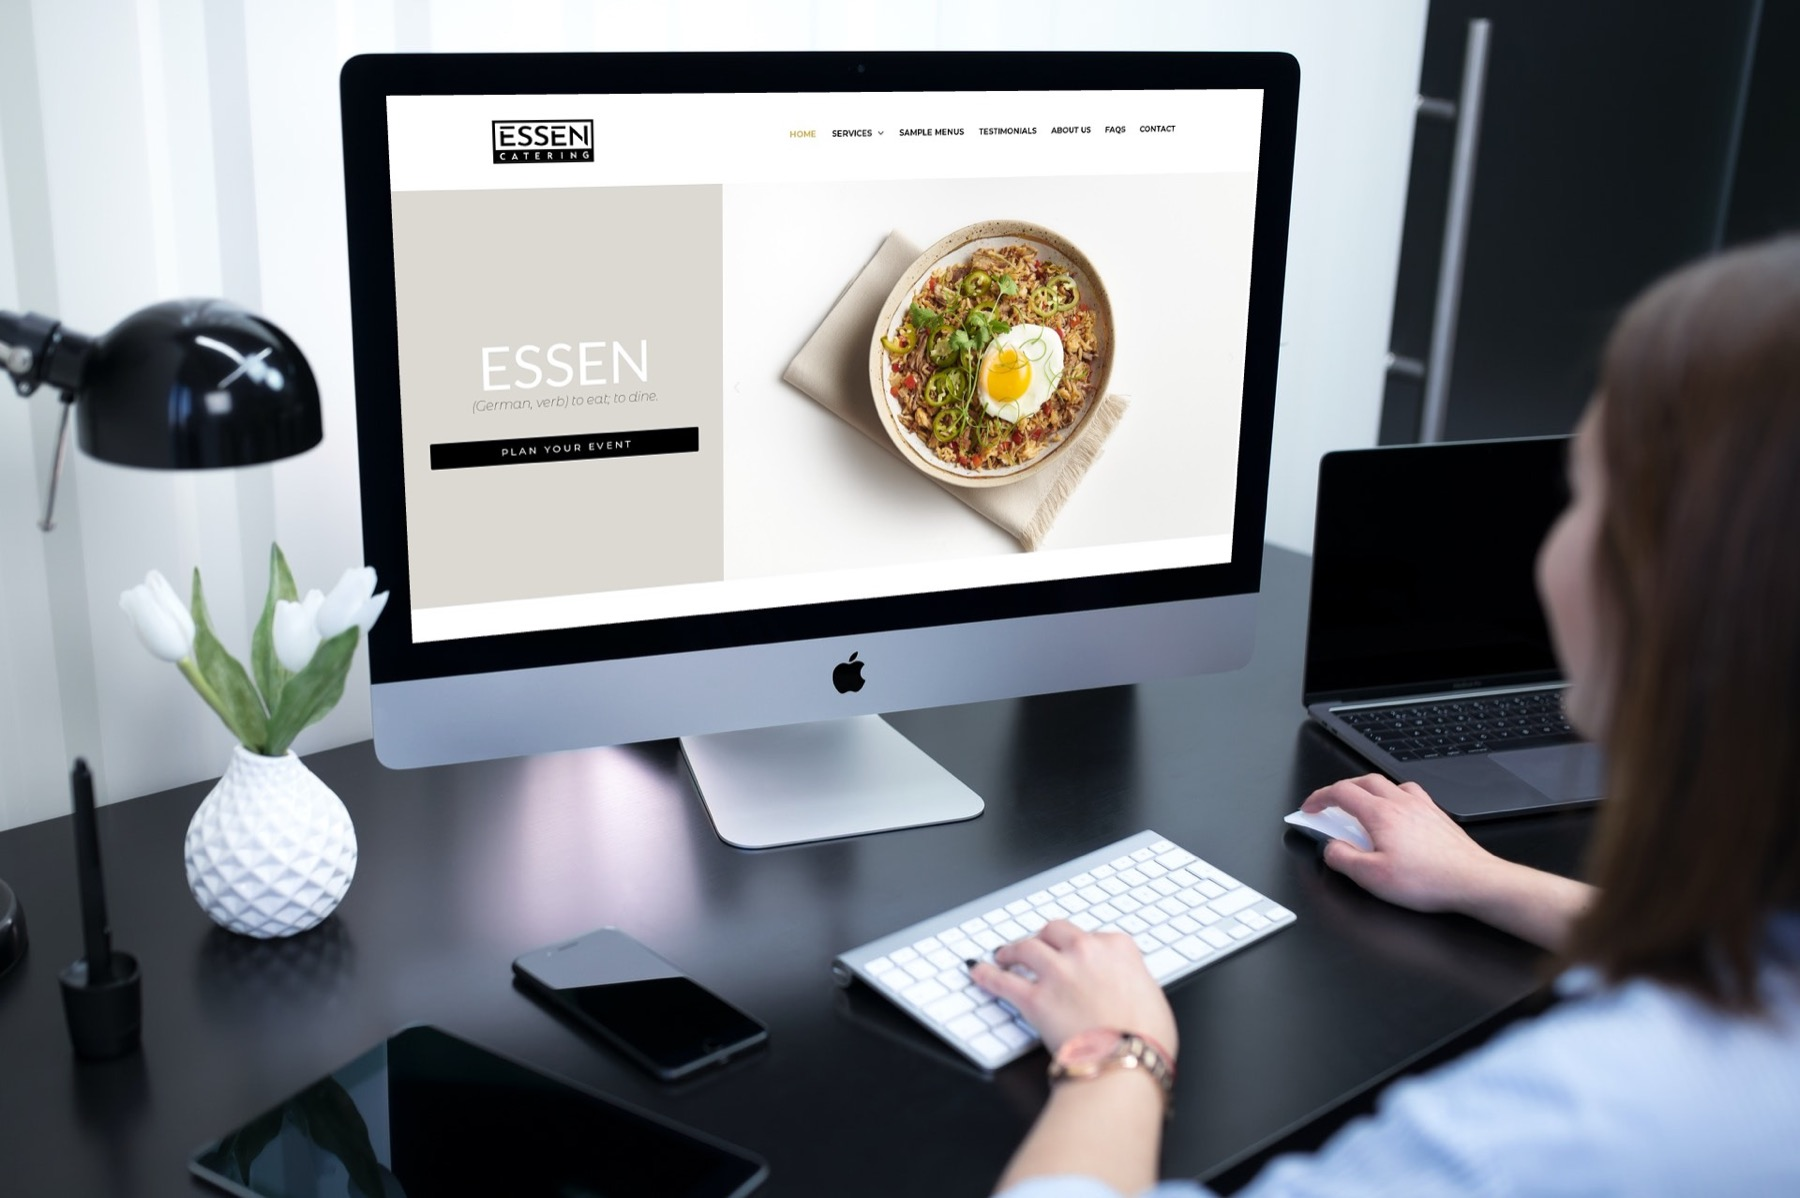 Website Design for Essen Catering, located in Houston Texas - Desktop